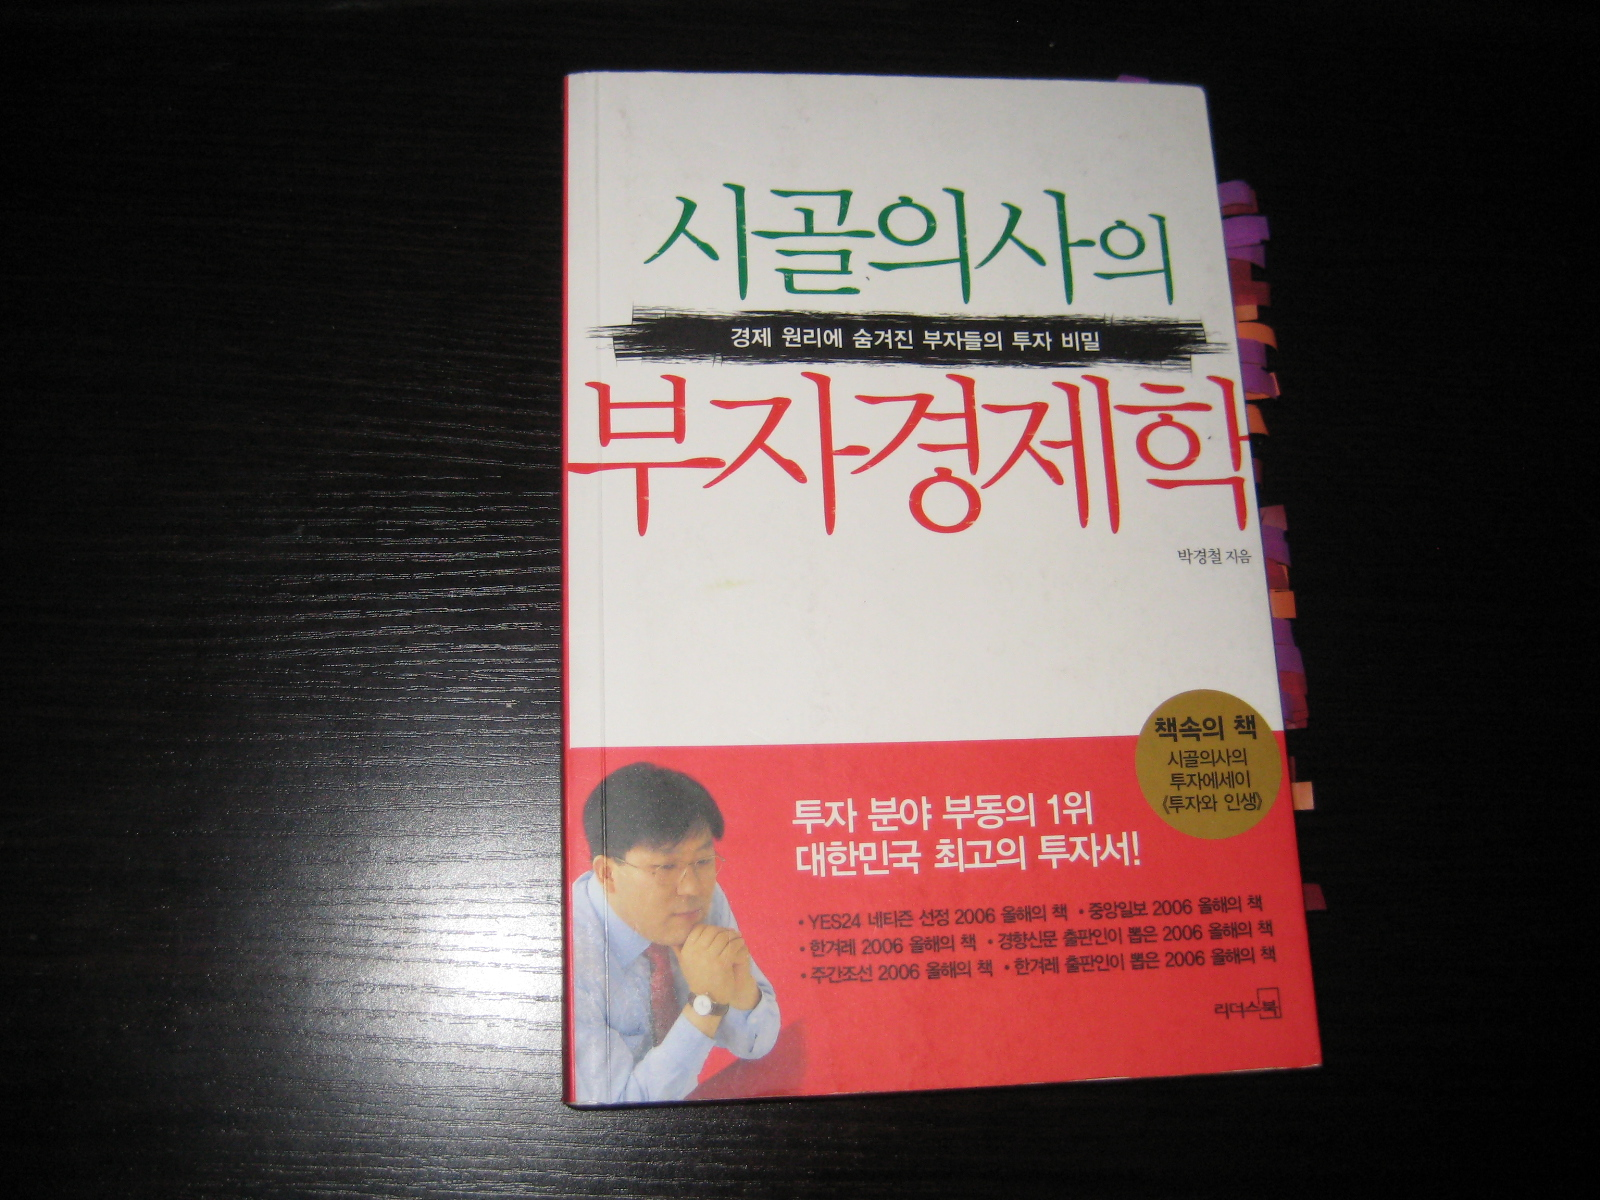 [자기개발서] 시골의사의 부자경제학 _ 박정철 (..